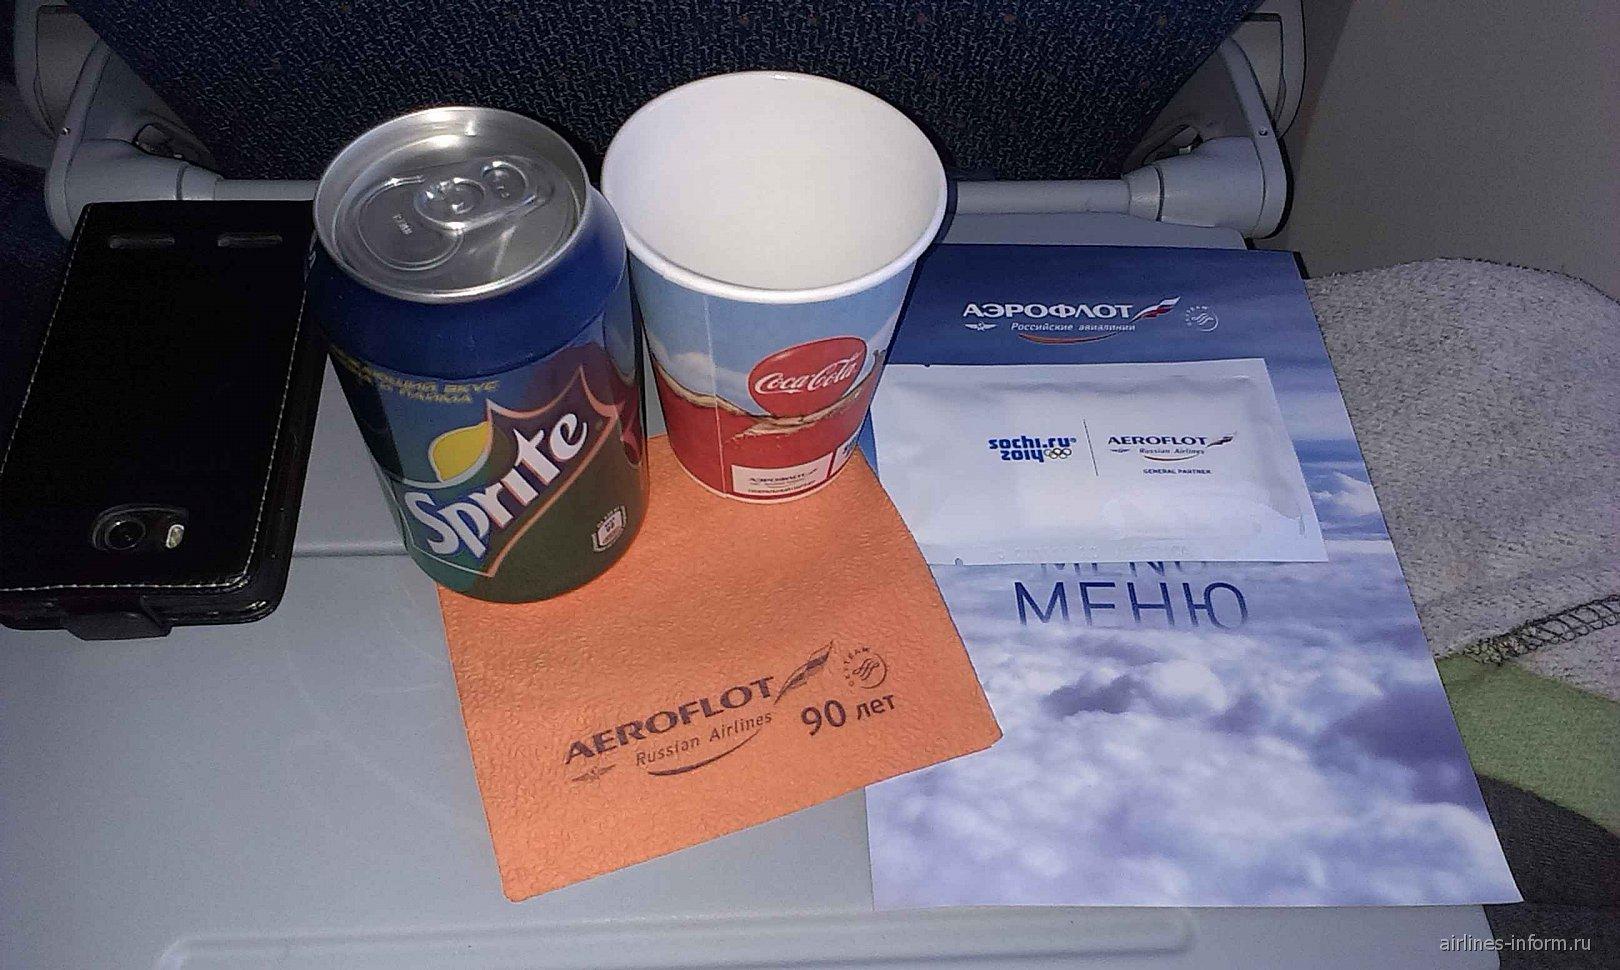 Питание на рейсе Аэрофлота Москва-Петропавловск